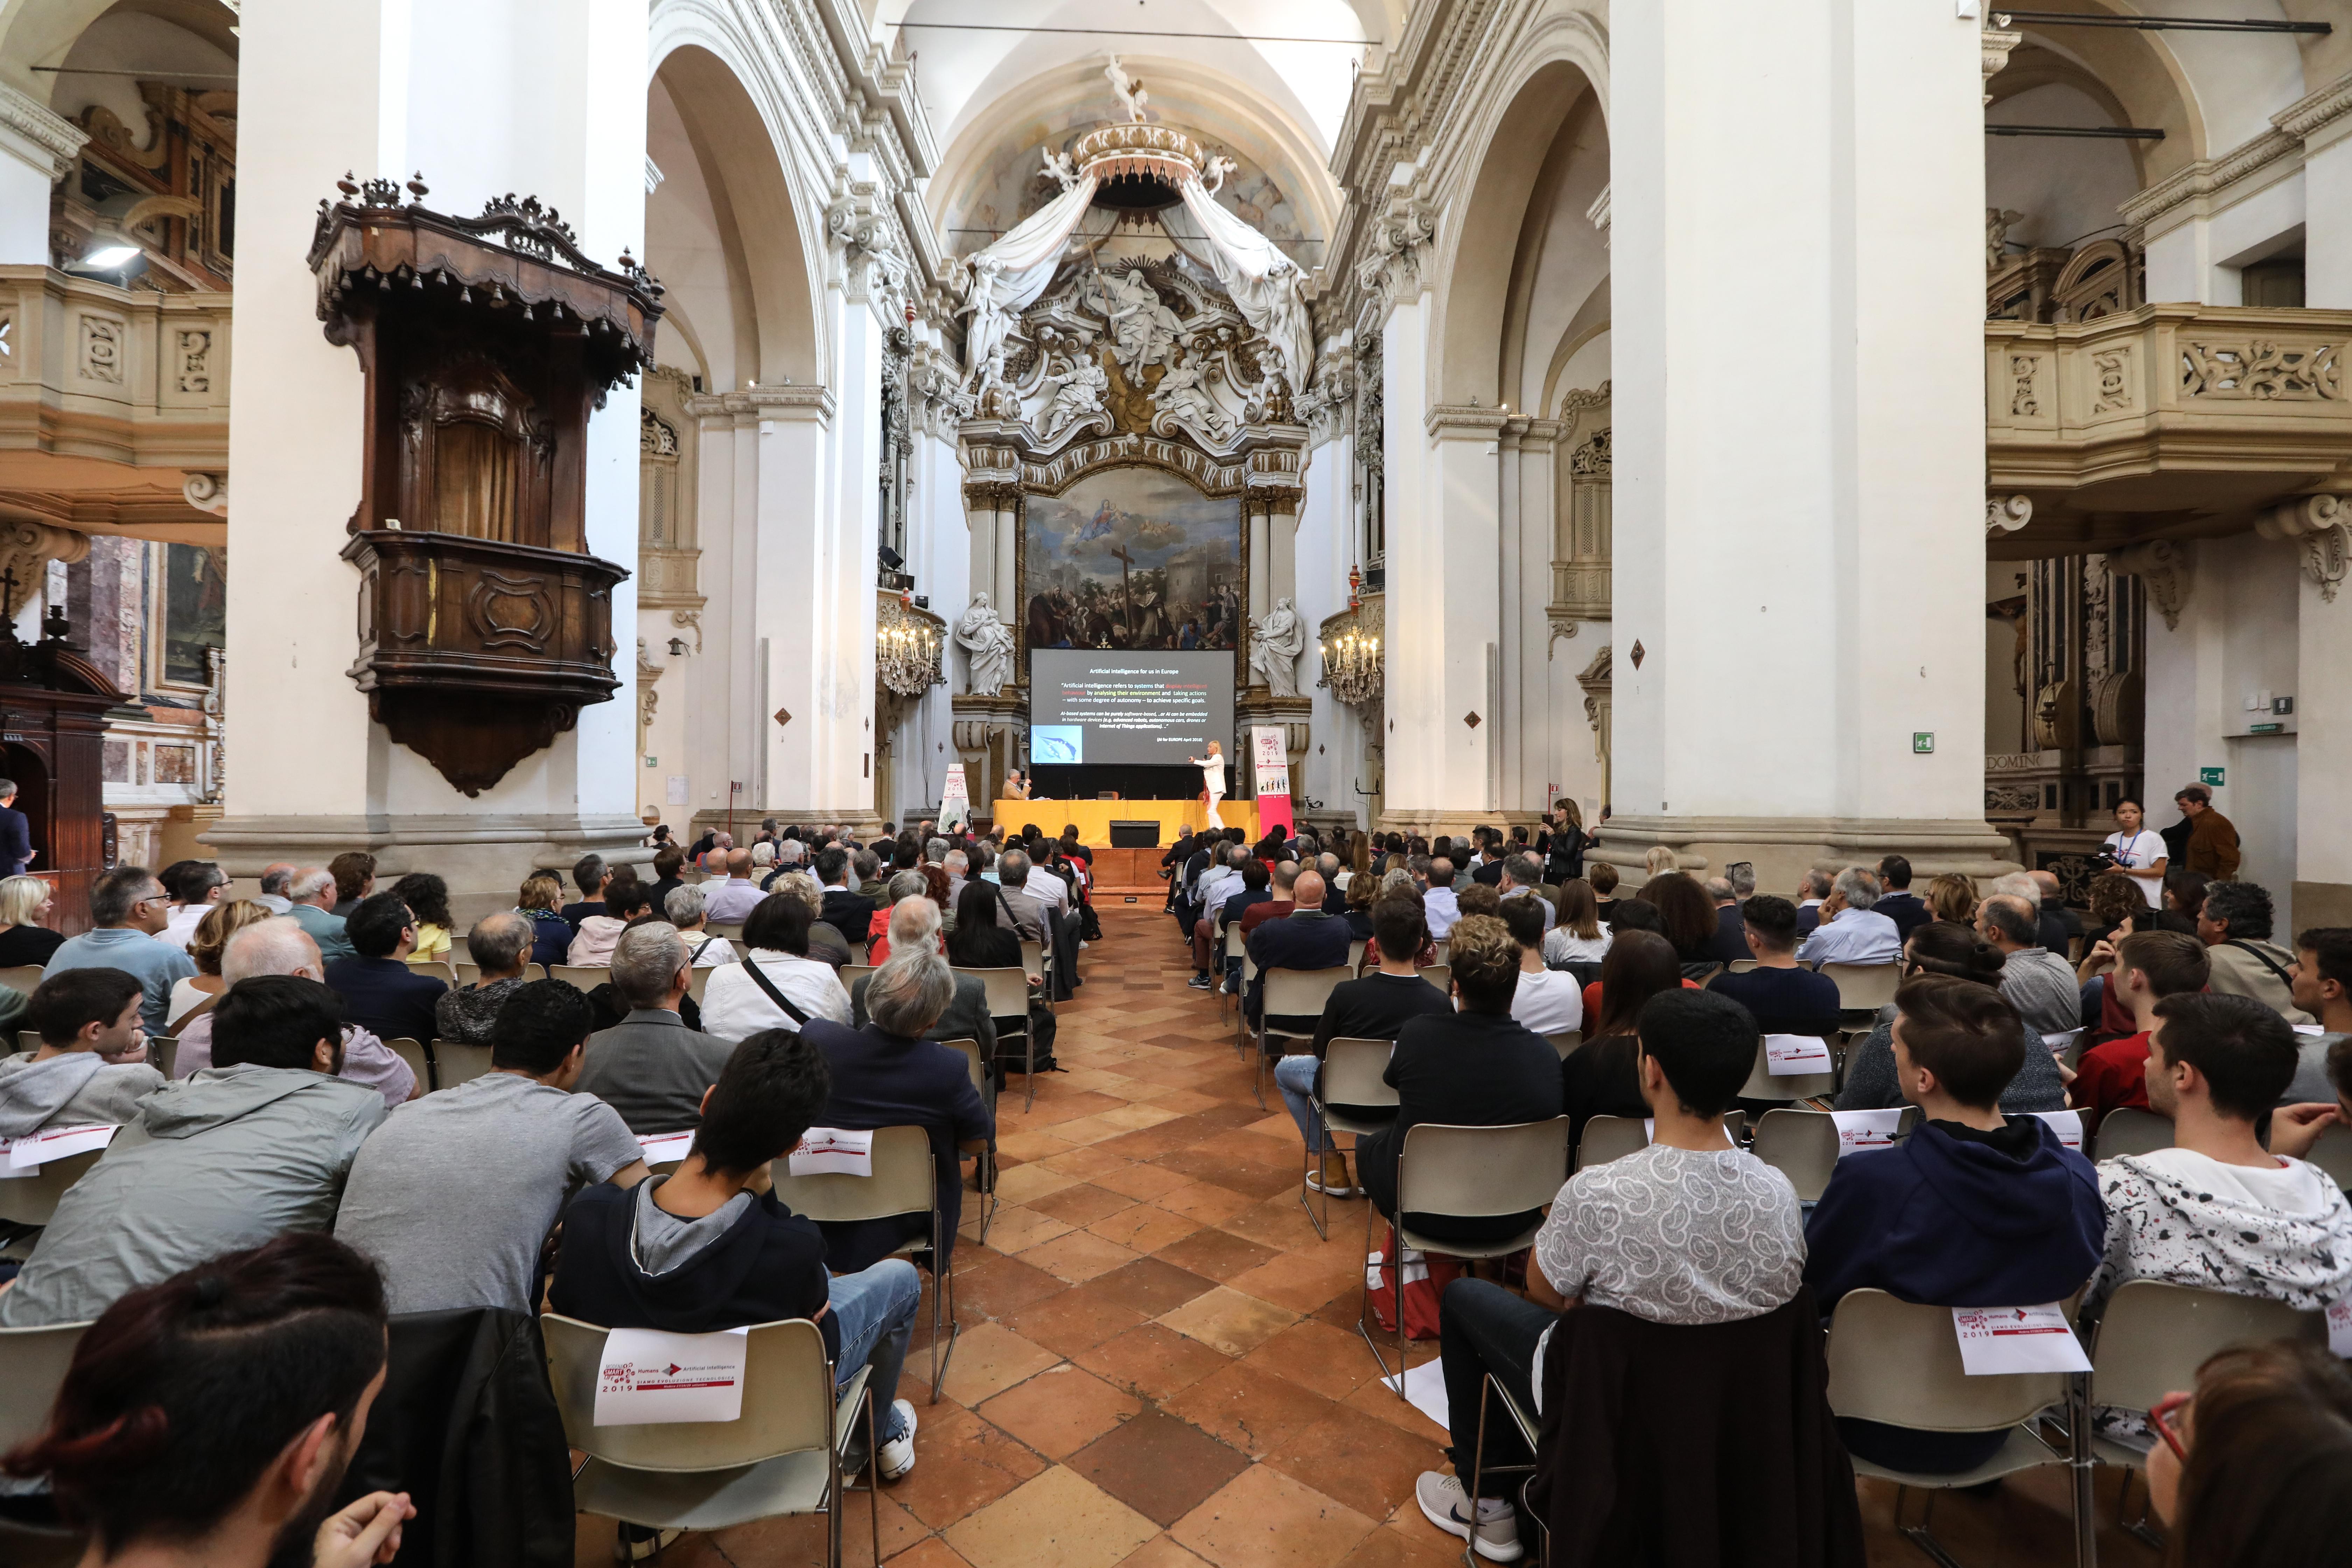 venerdi-27-settembre-chiesa-san-carlo-conferenza-inaugurale (3).jpg